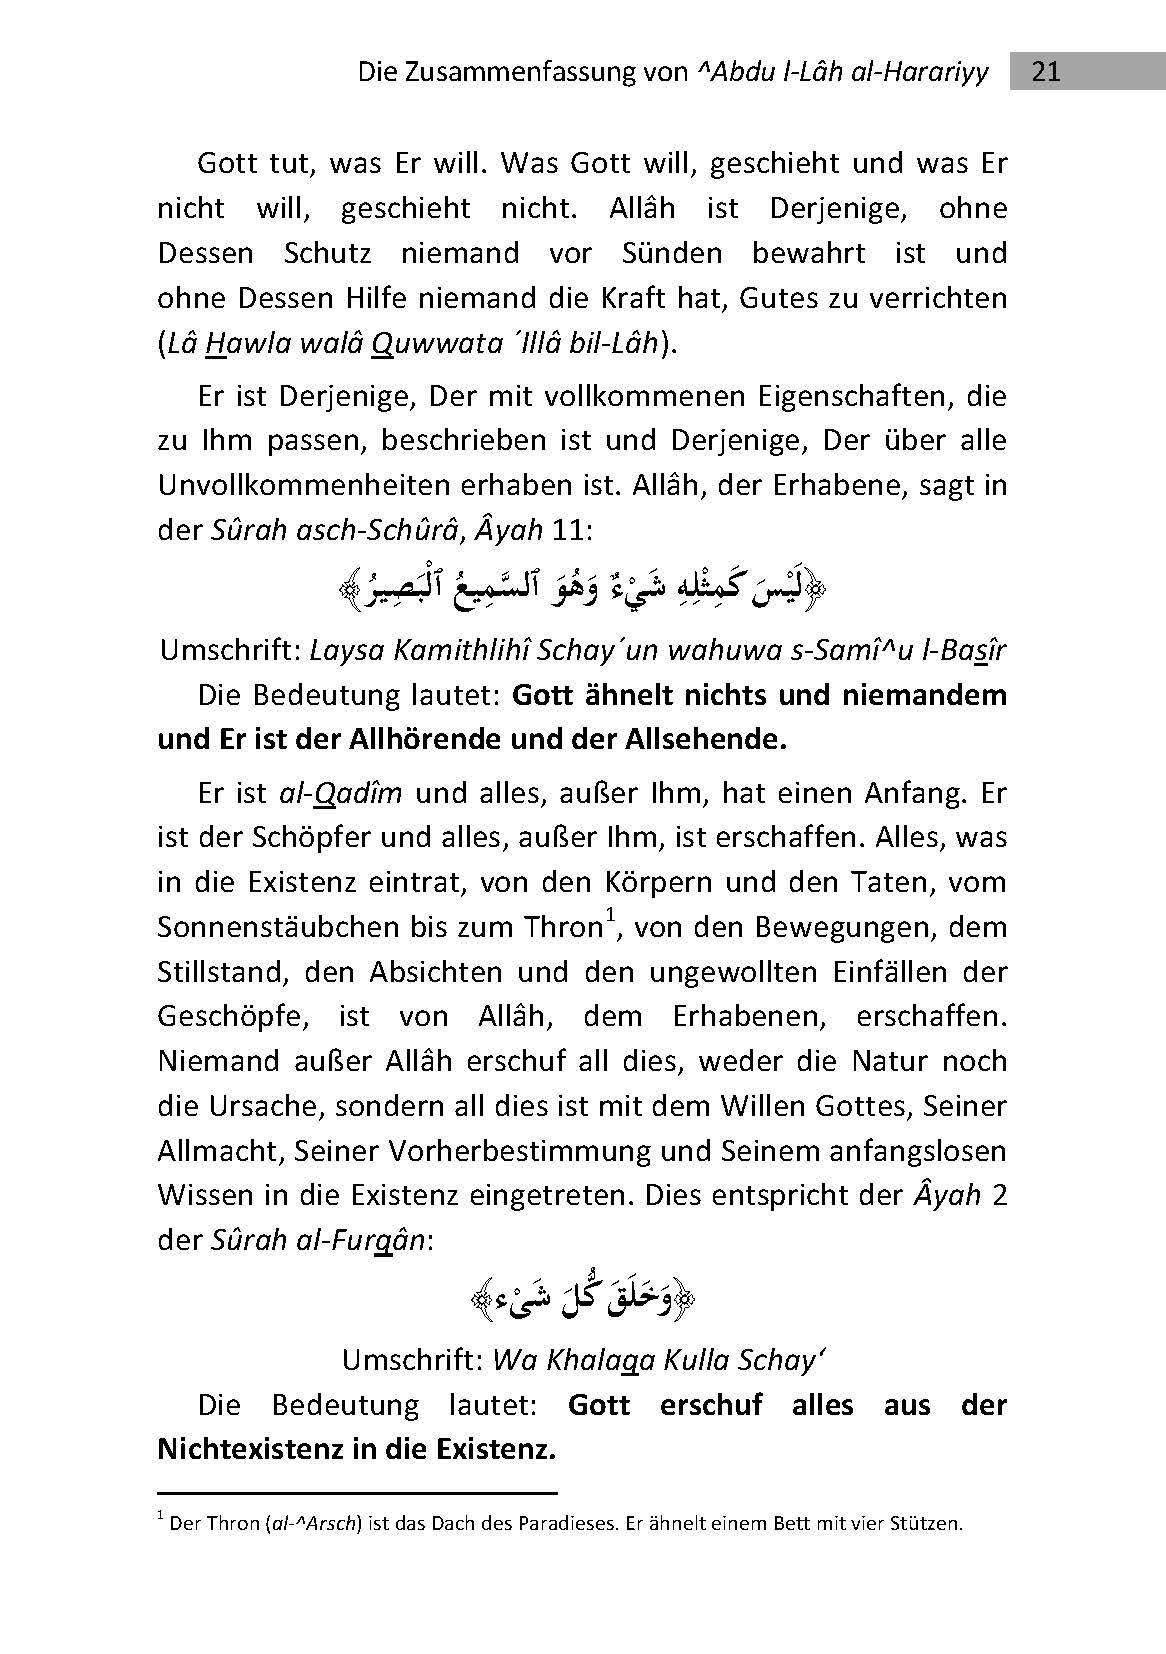 Die Zusammenfassung - 3. Auflage 2014_Seite_21